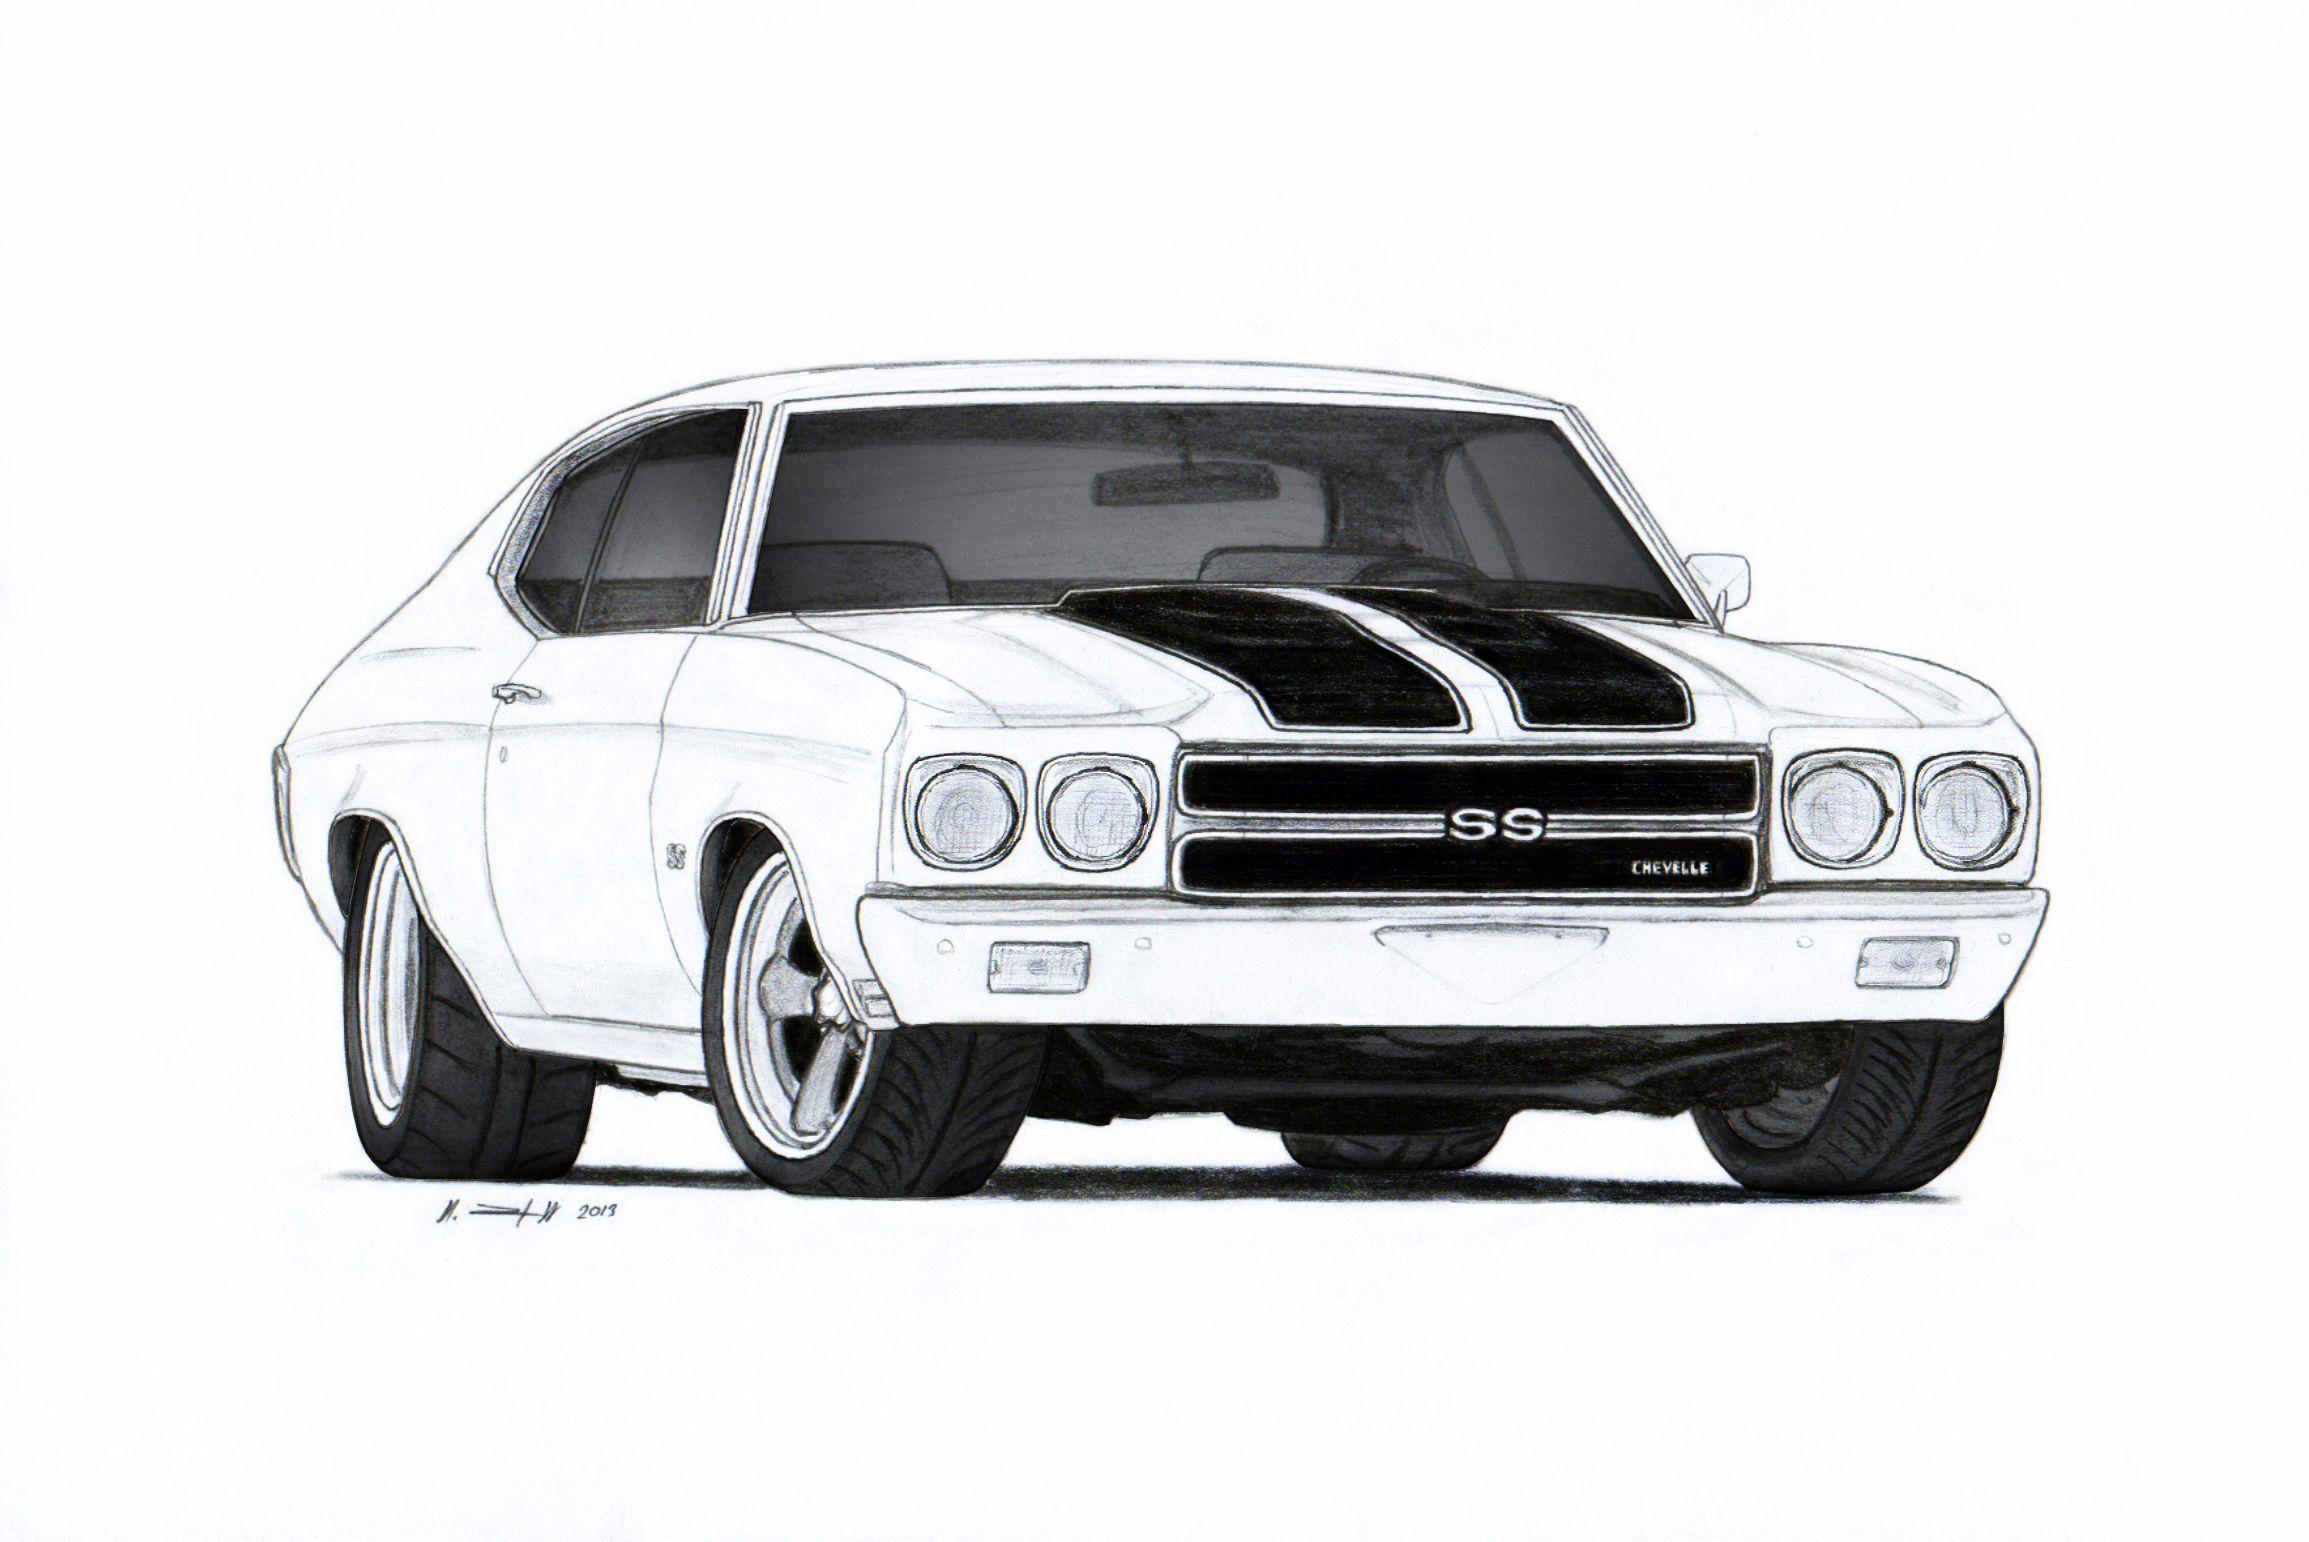 Pin on 1966 Chevelle Malabu.